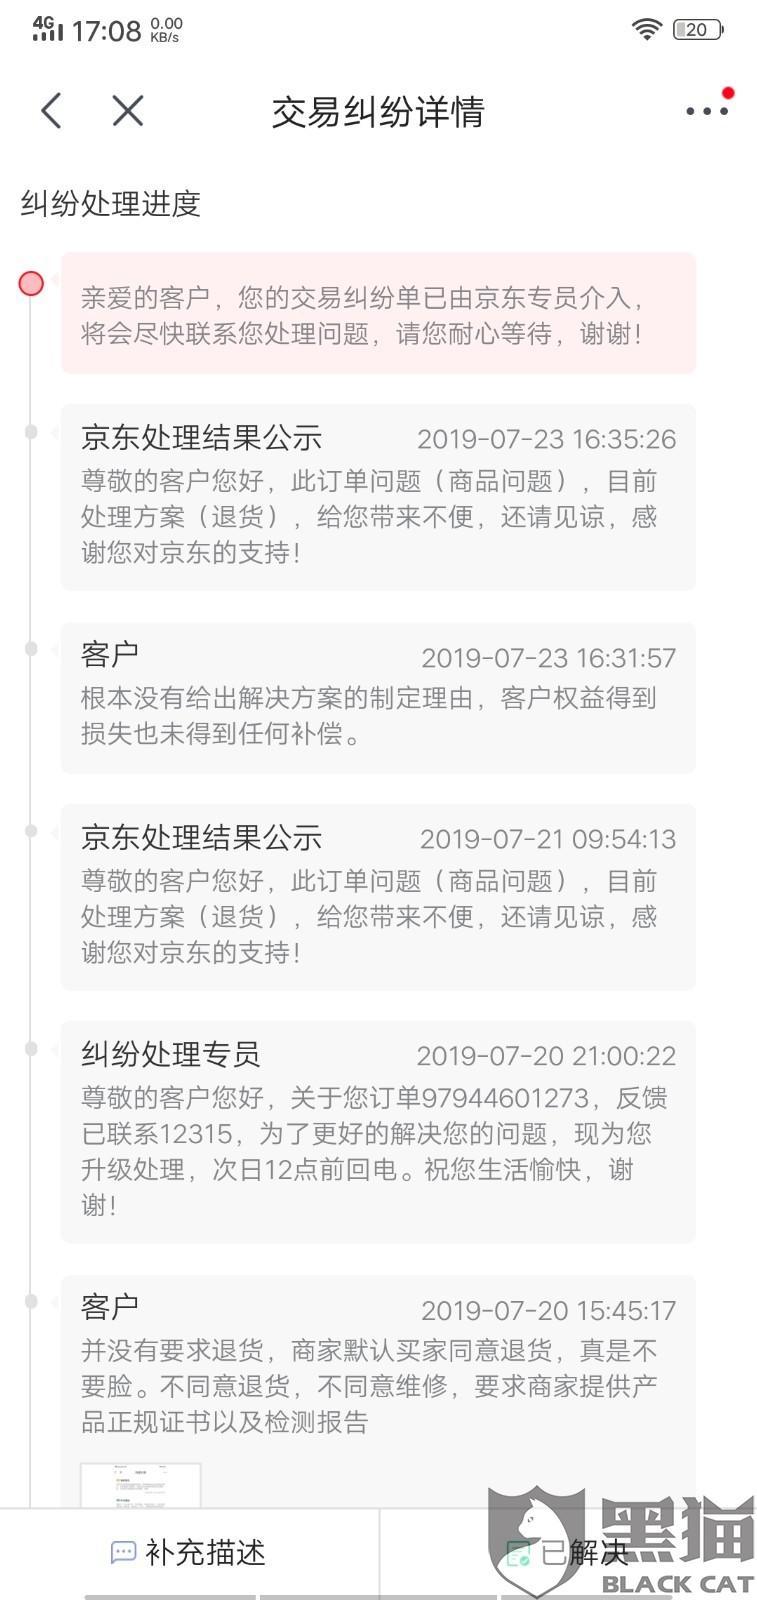 黑猫投诉:四季沐歌家装建材旗舰店产品质量问题,京东专员33759偏袒商家,态度强横